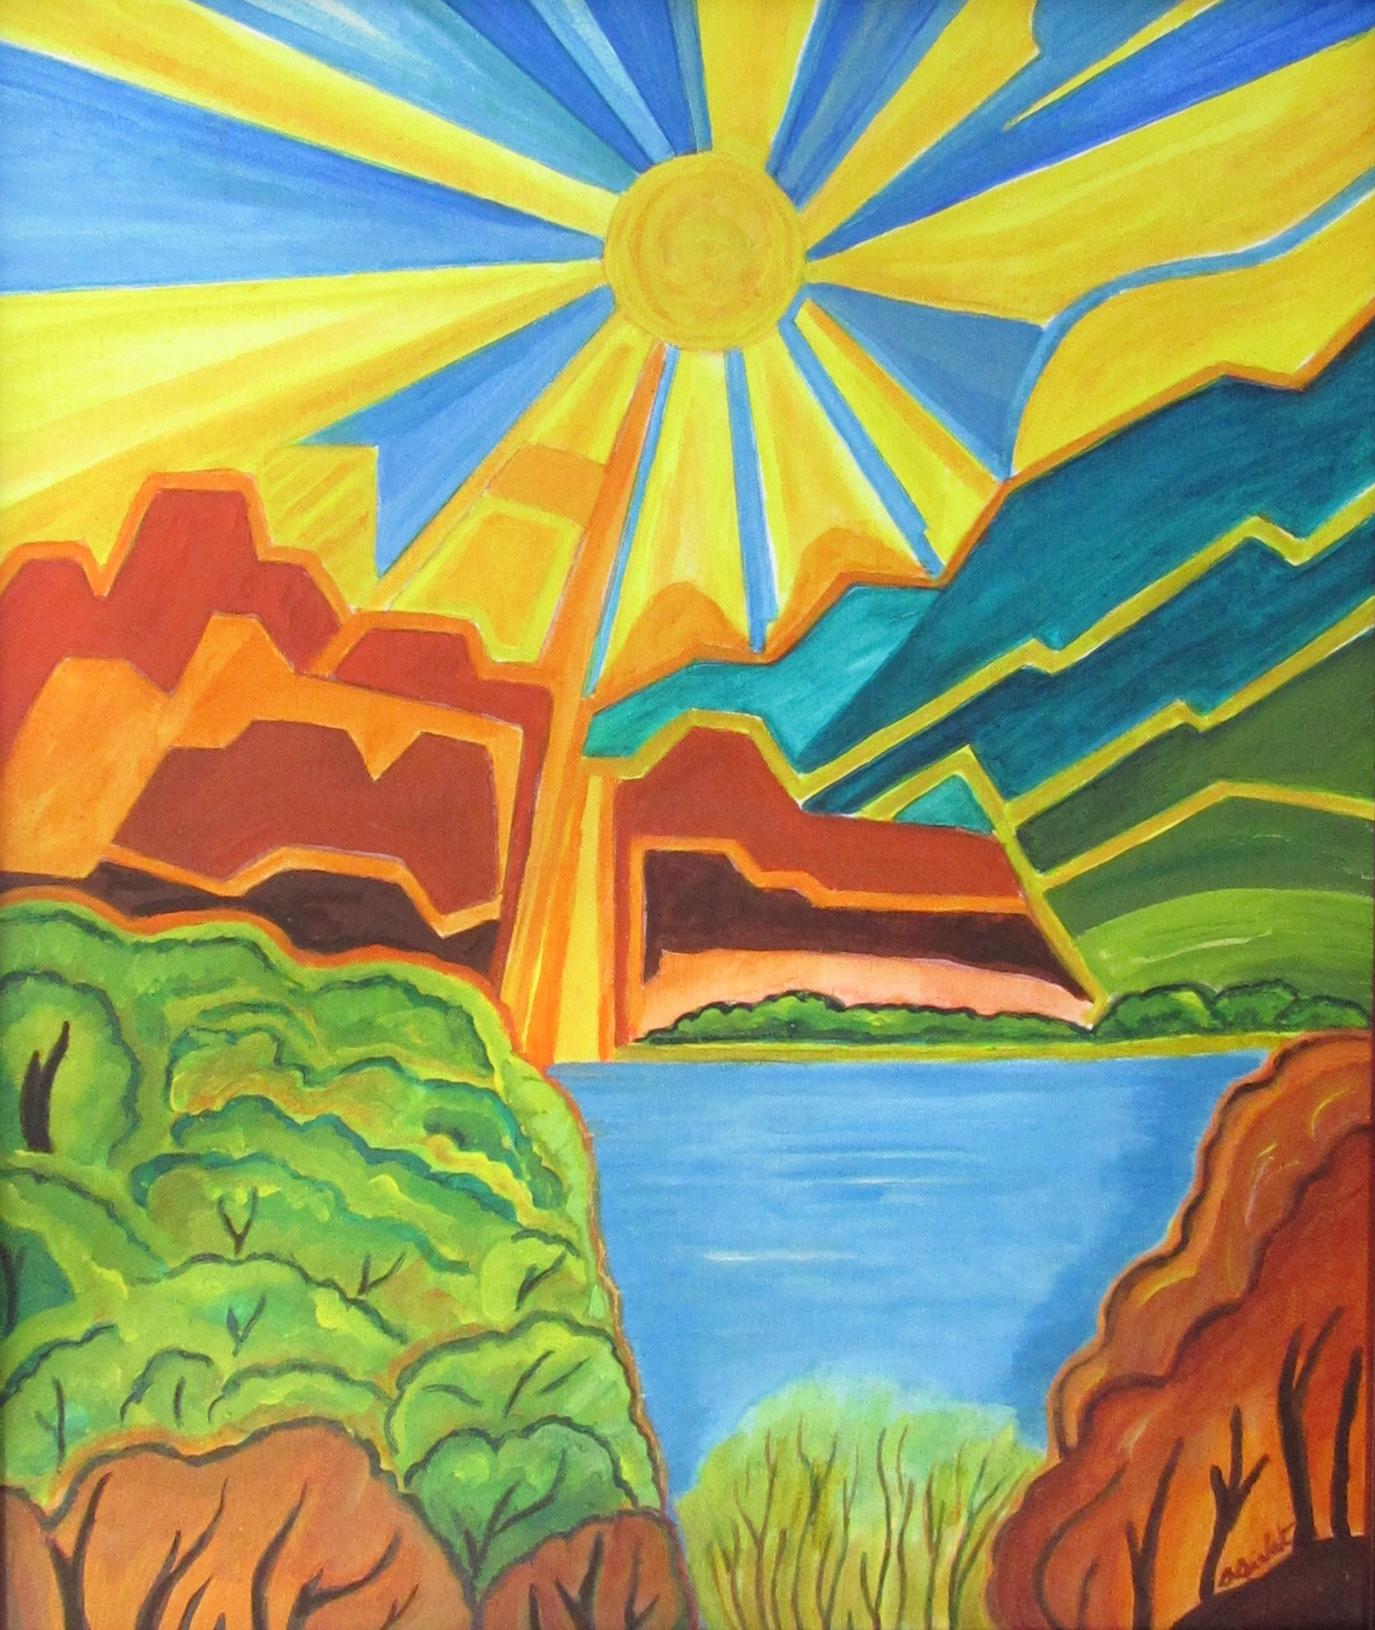 Sunflower Sky, acrylic on canvas, 20 x 14, 2018